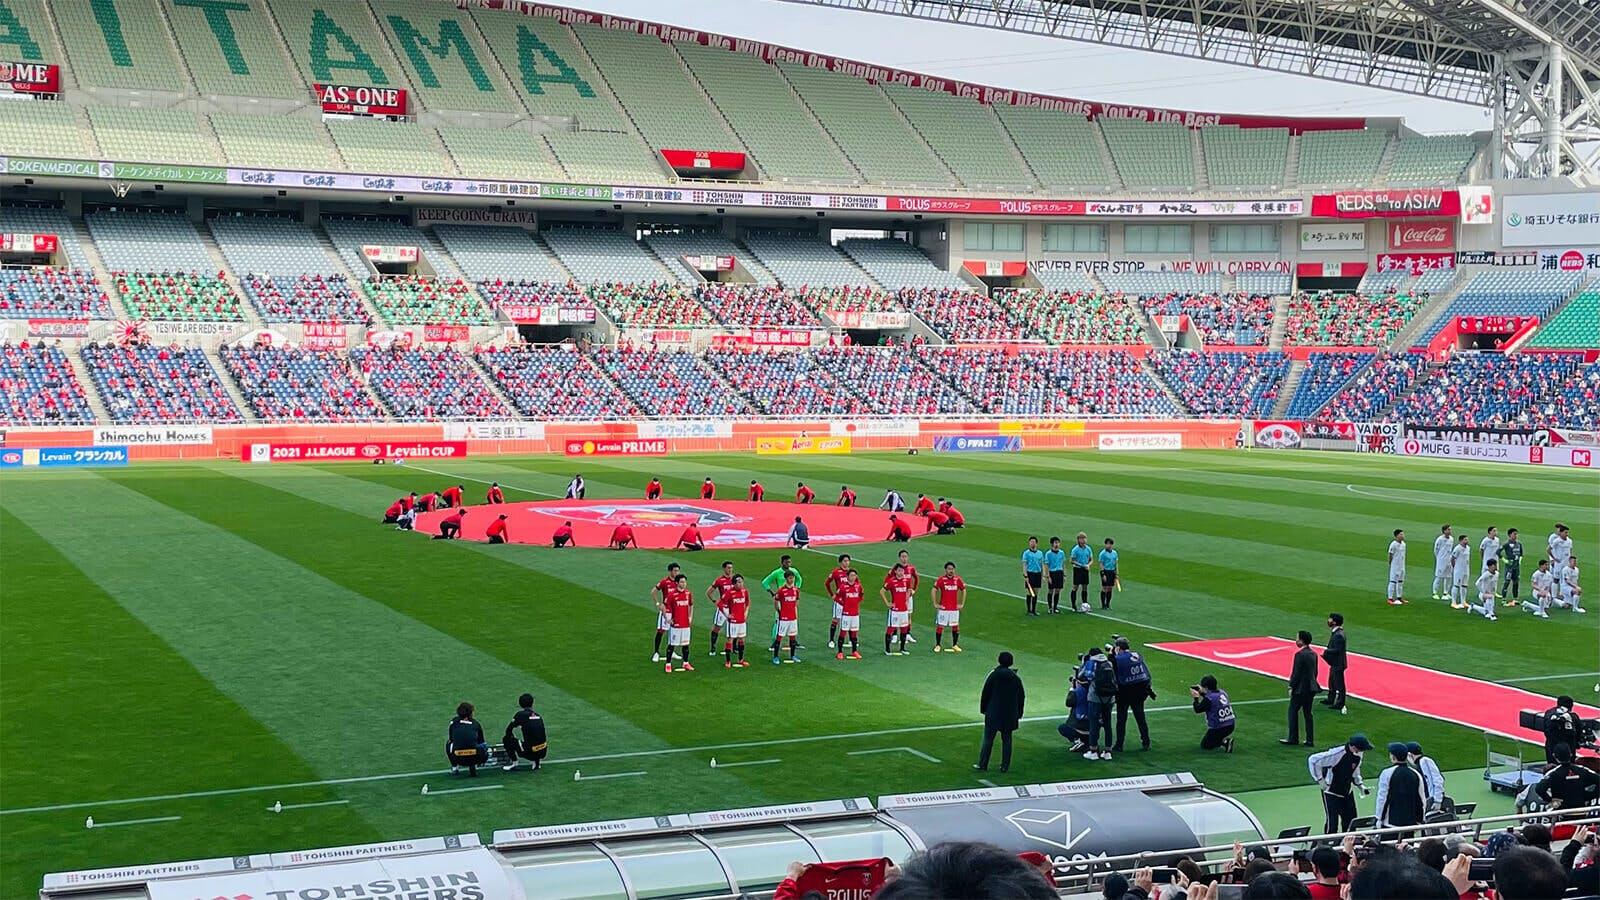 2021 Jリーグ YBC ルヴァンカップ グループステージ 第2節 埼玉スタジアム2002 柏レイソル戦